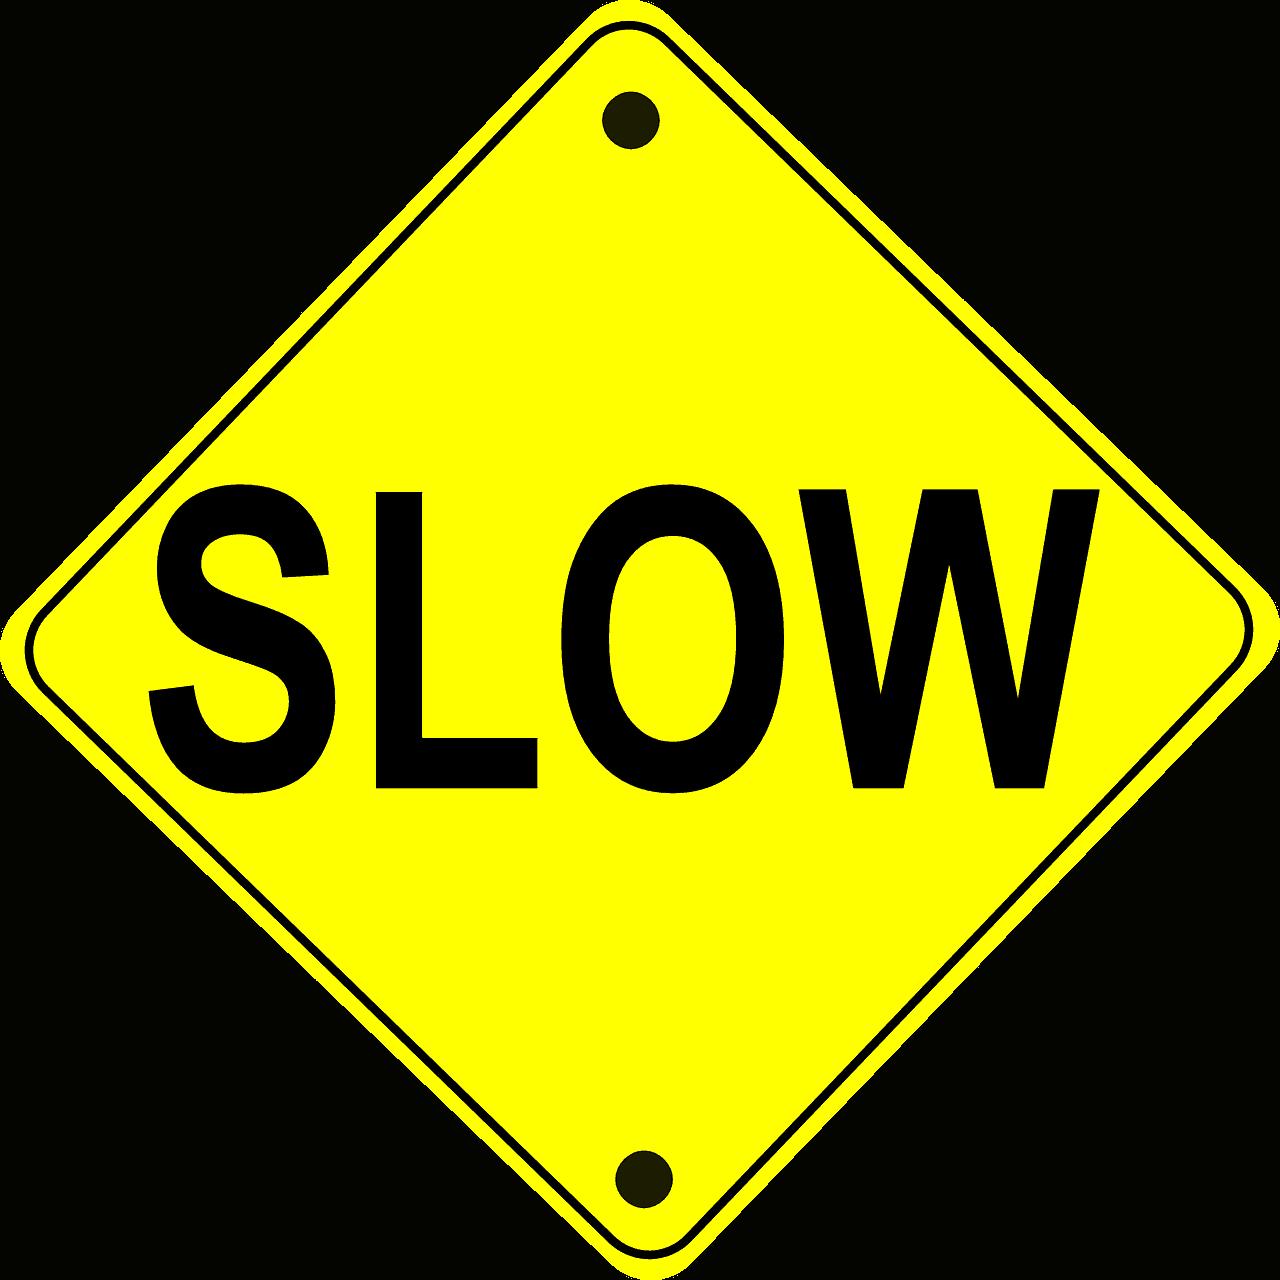 Slow - từ vựng tiếng Anh về tốc độ chậm